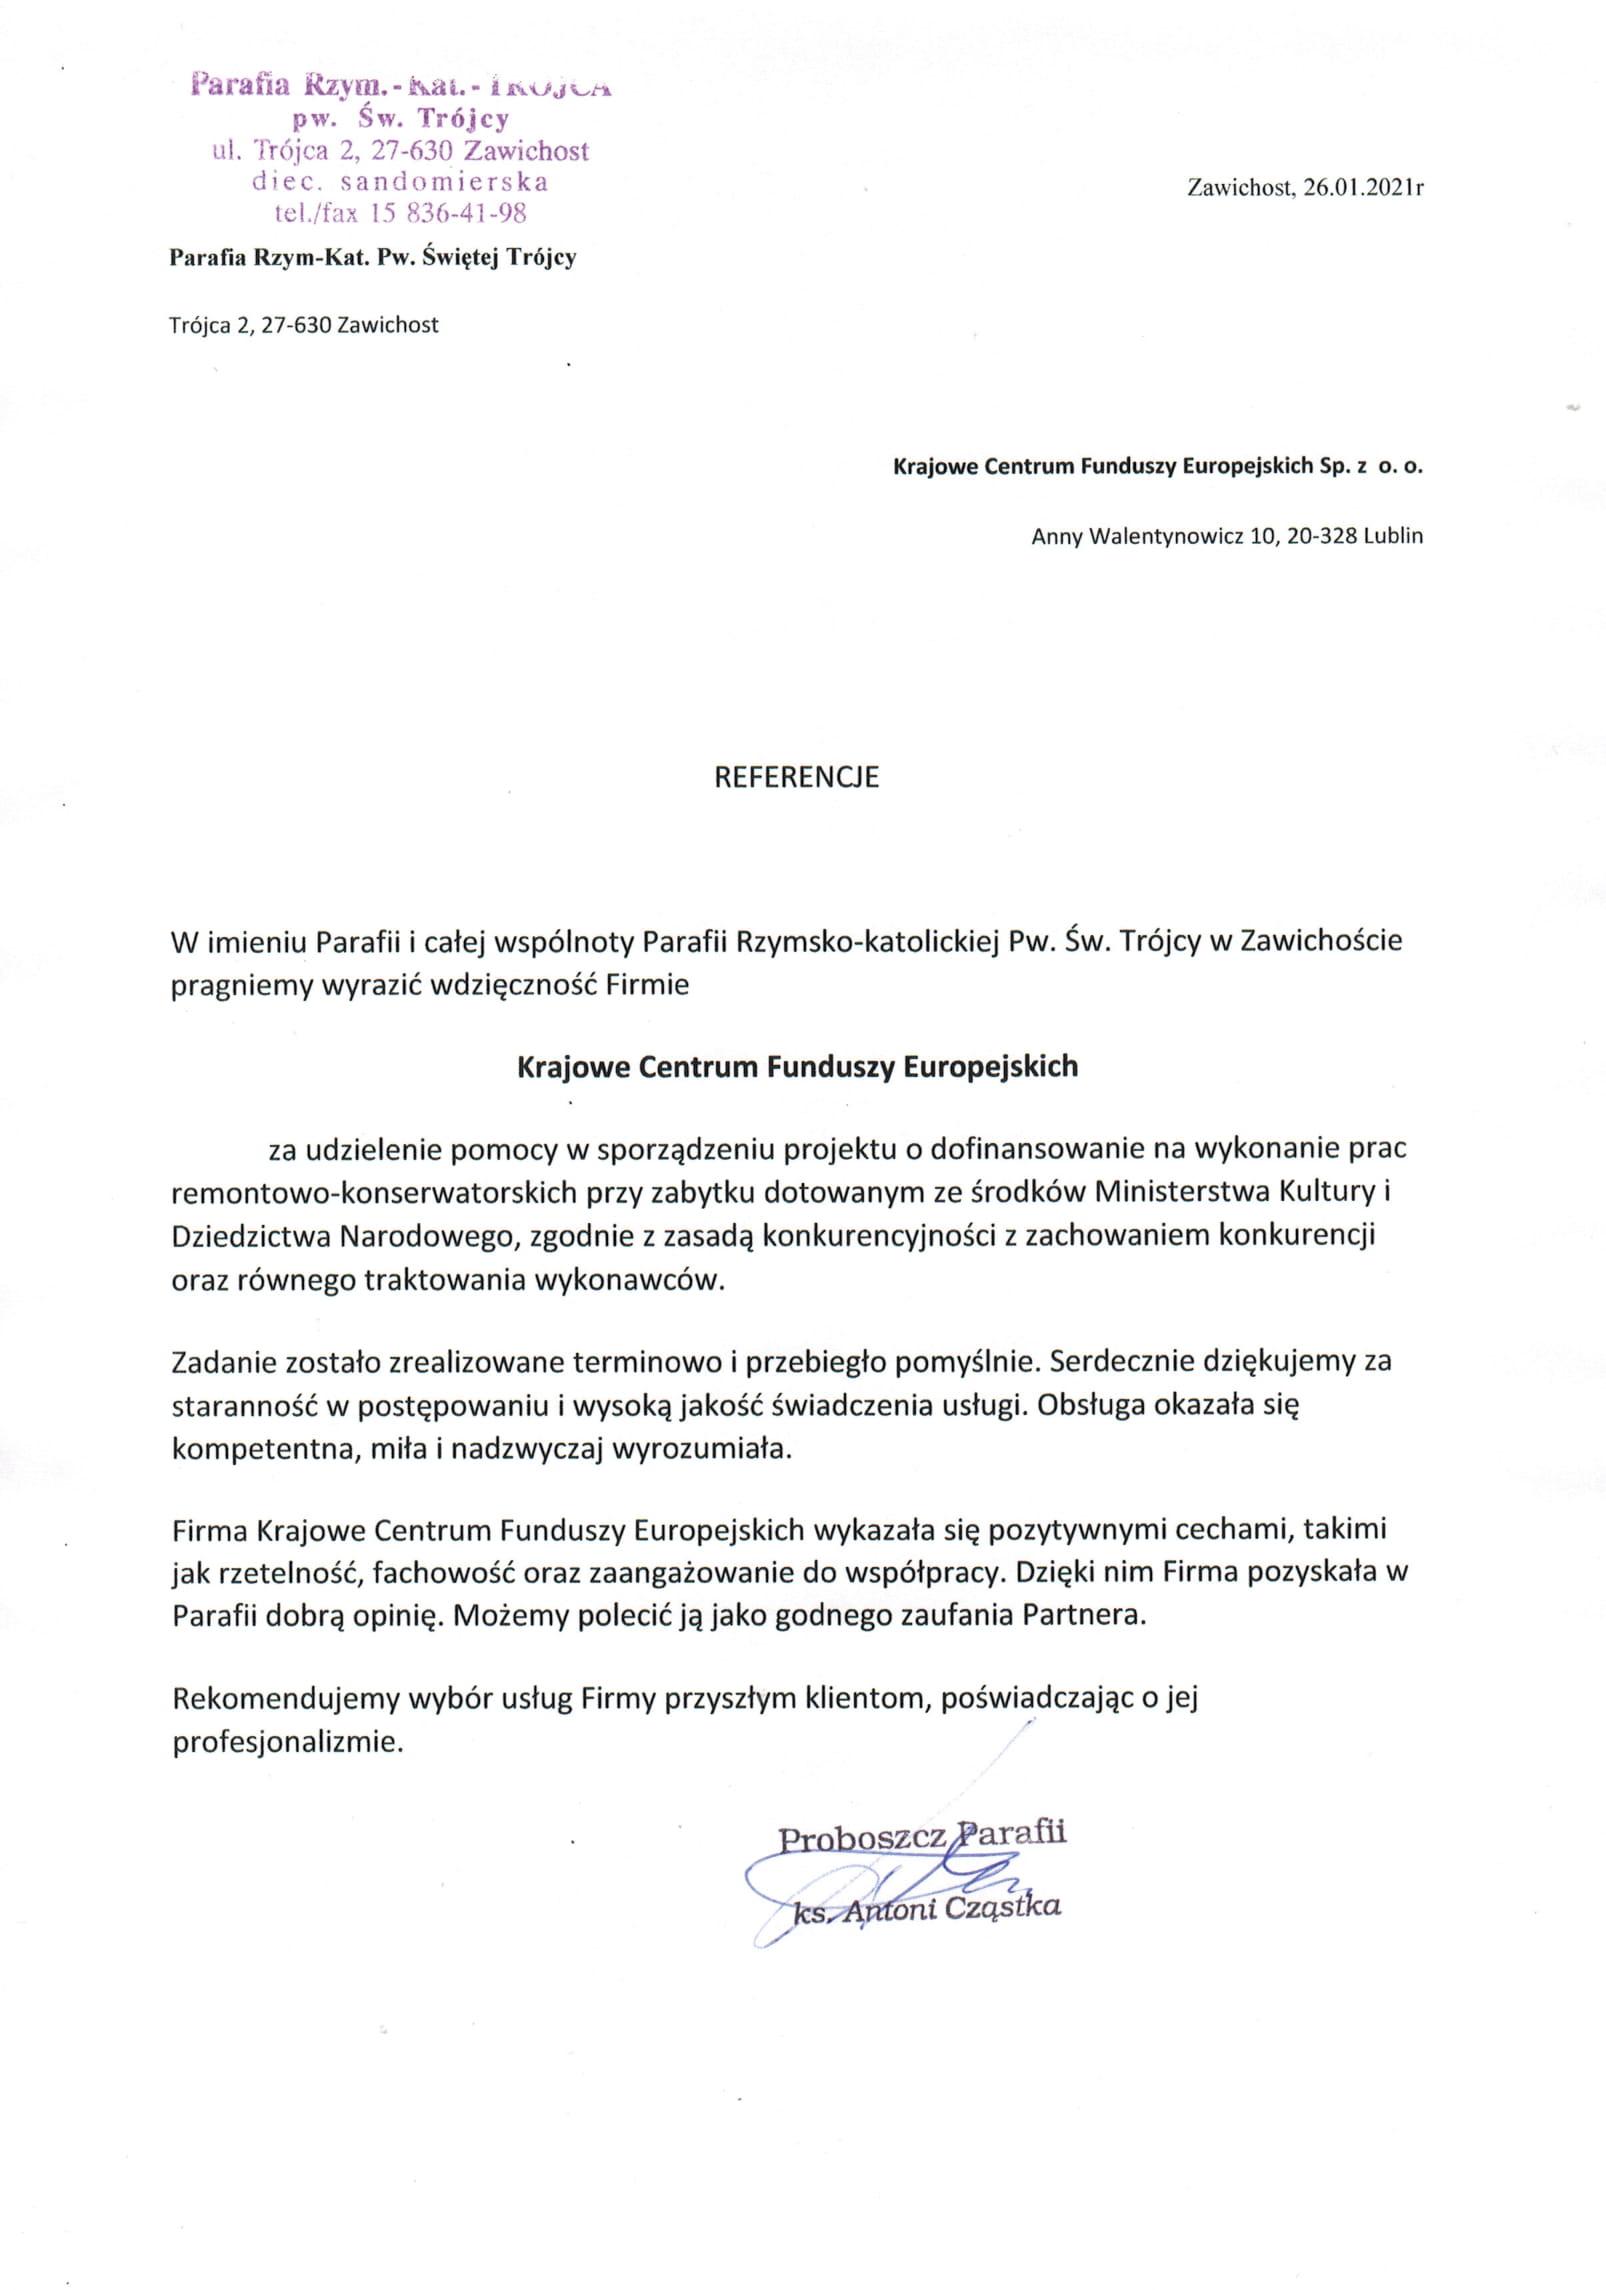 Referencje Parafia w Zawichoście - 26.01.2021 JPG